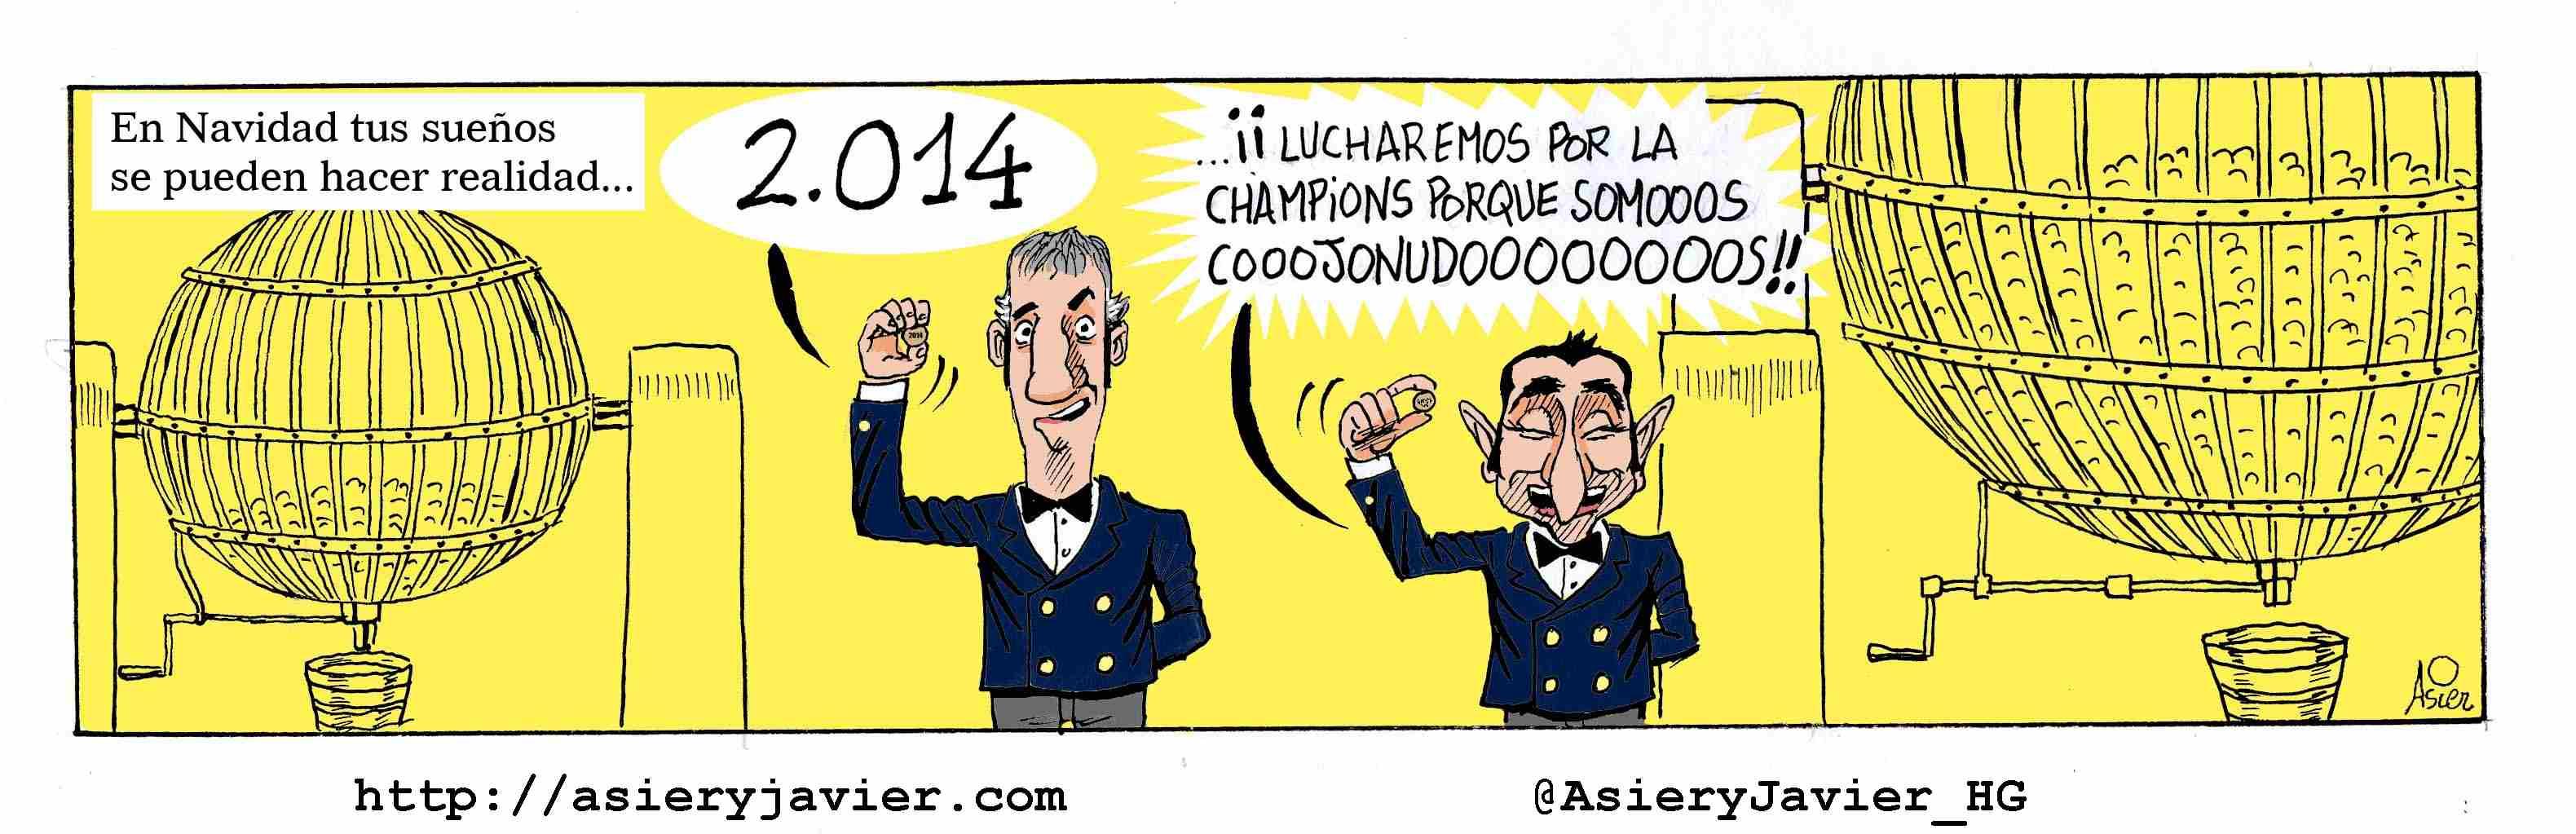 El Athletic también gana al Rayo en San Mamés y arrancará 2014 en zona Champions. Caricaturas, humor gráfico.